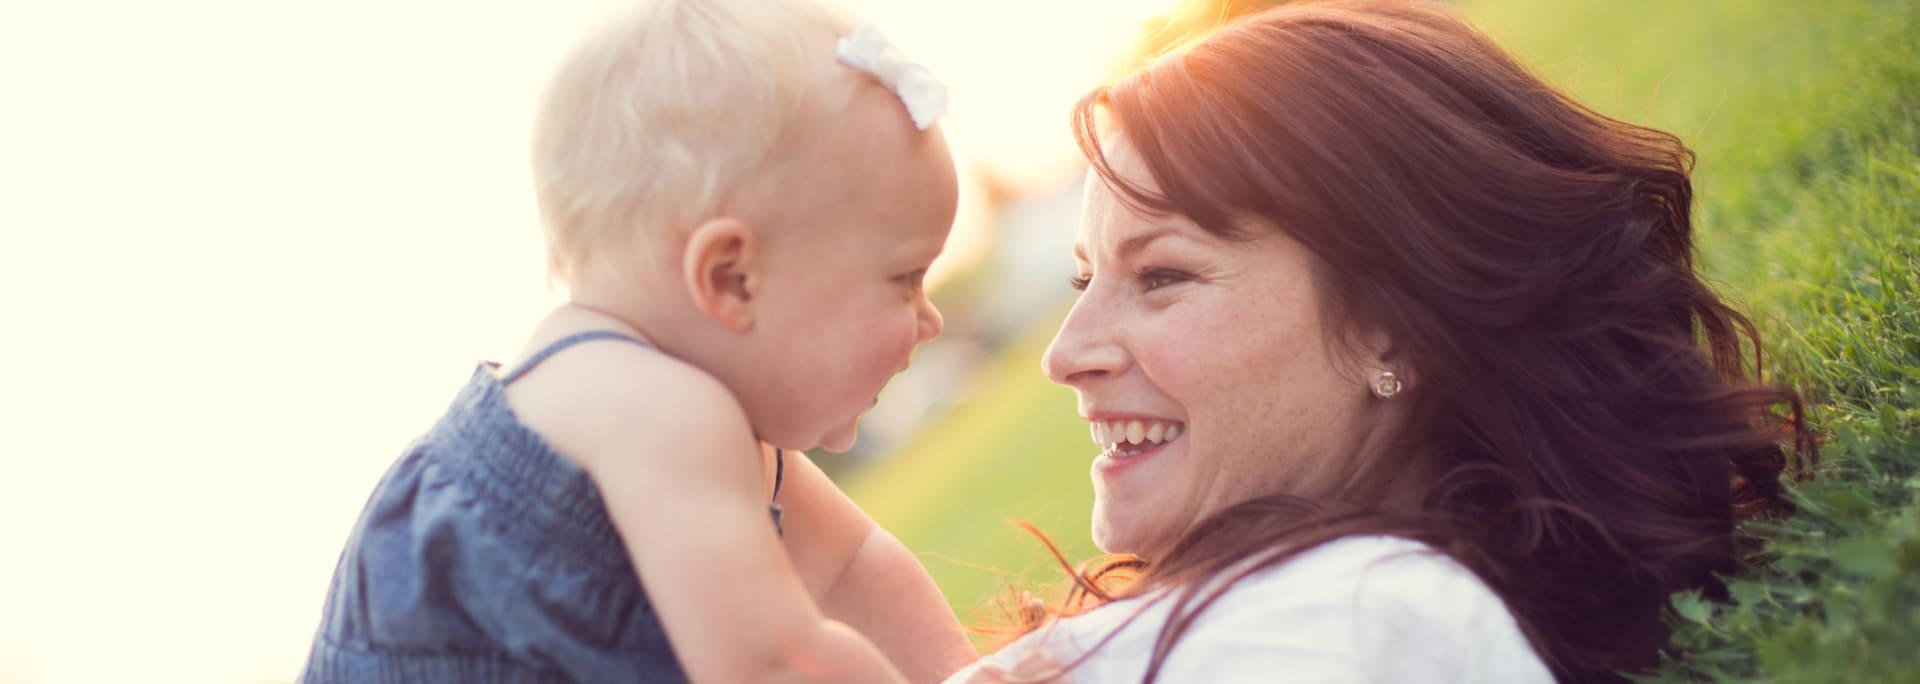 Eerste hapjes Hoe leer ik mijn baby gezond te eten